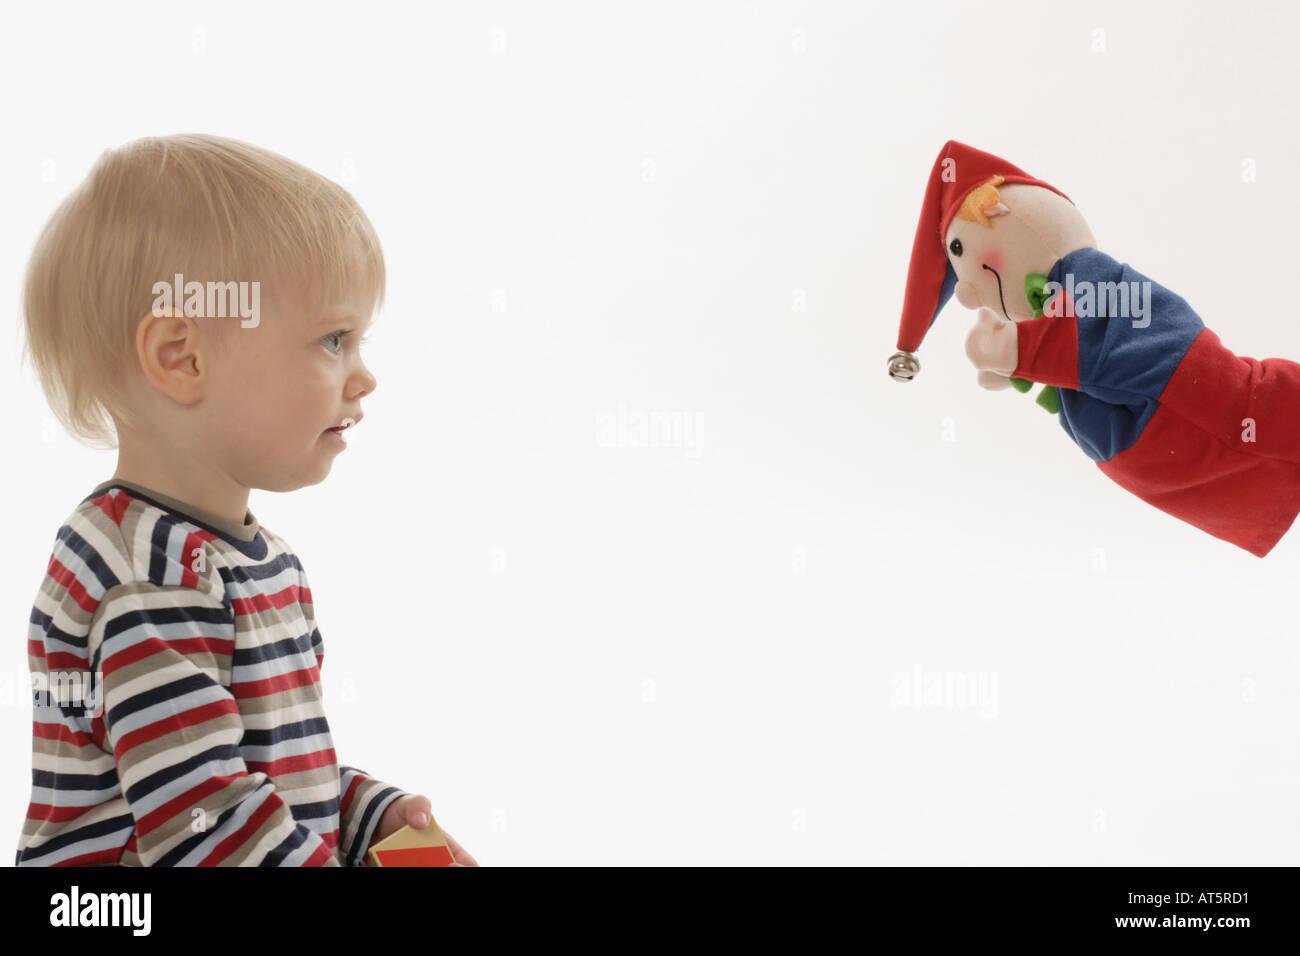 Kasperl und Kind - Stock Image